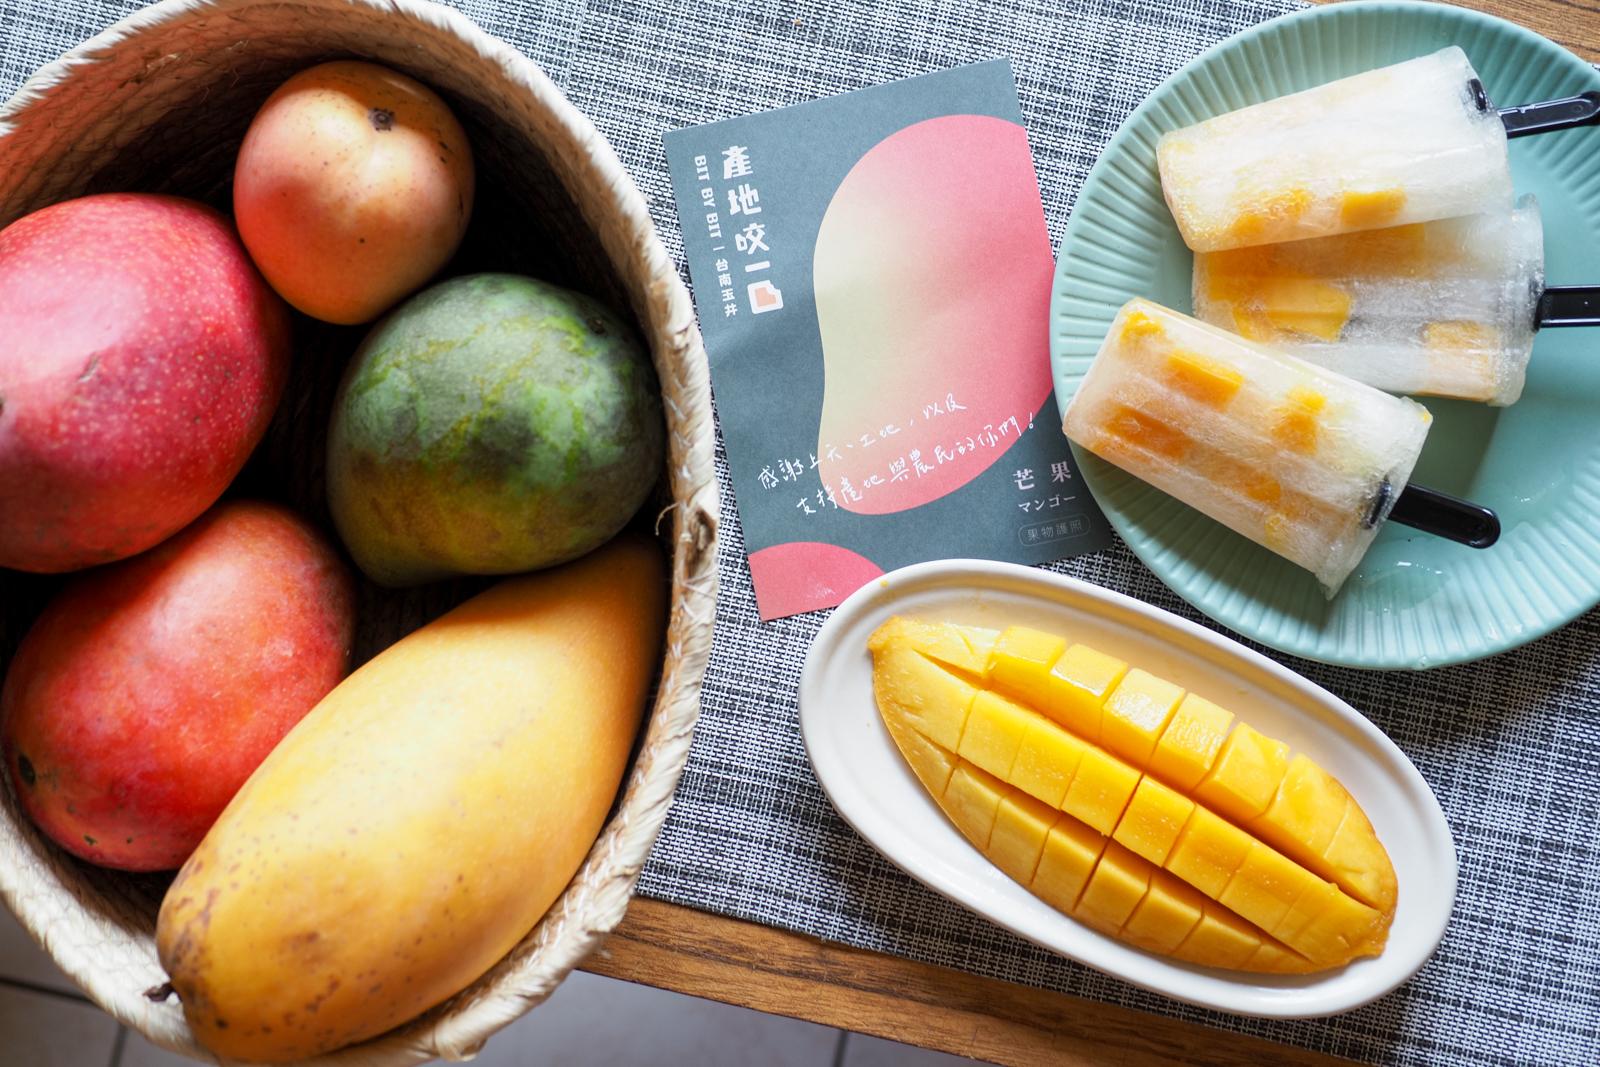 【芒果推薦】產地咬一口芒果小吉盒 選擇困難症的最佳解 一次吃六種芒果有夠爽